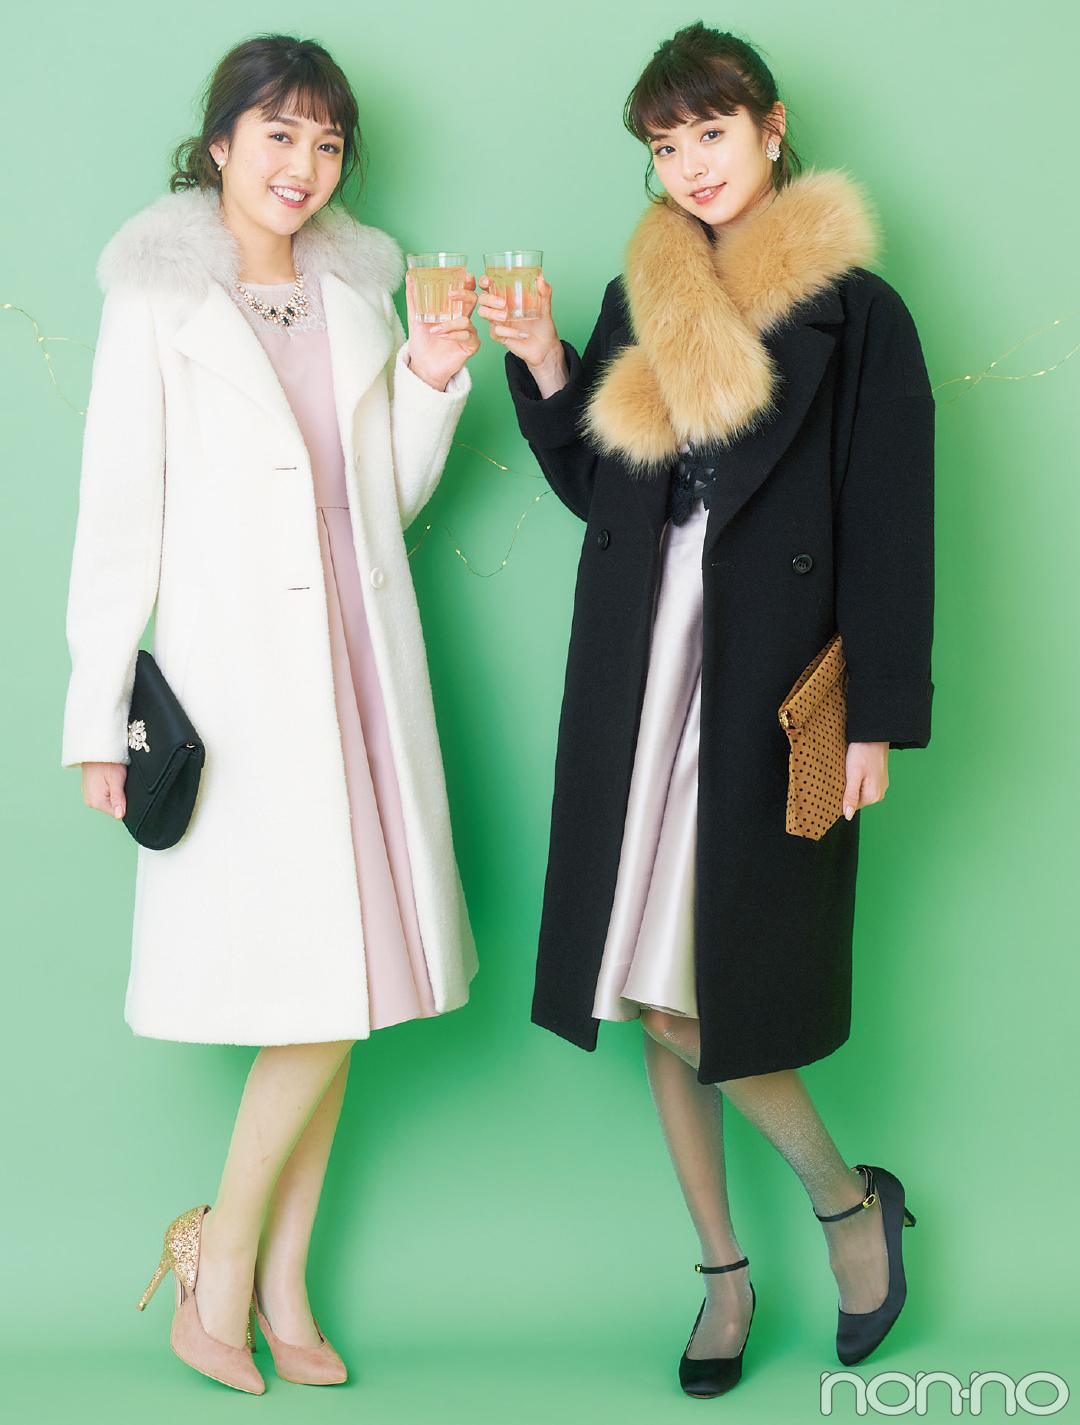 大学の謝恩会、服装どうする? ドレス+コートのモテコーデ教えます!_1_1